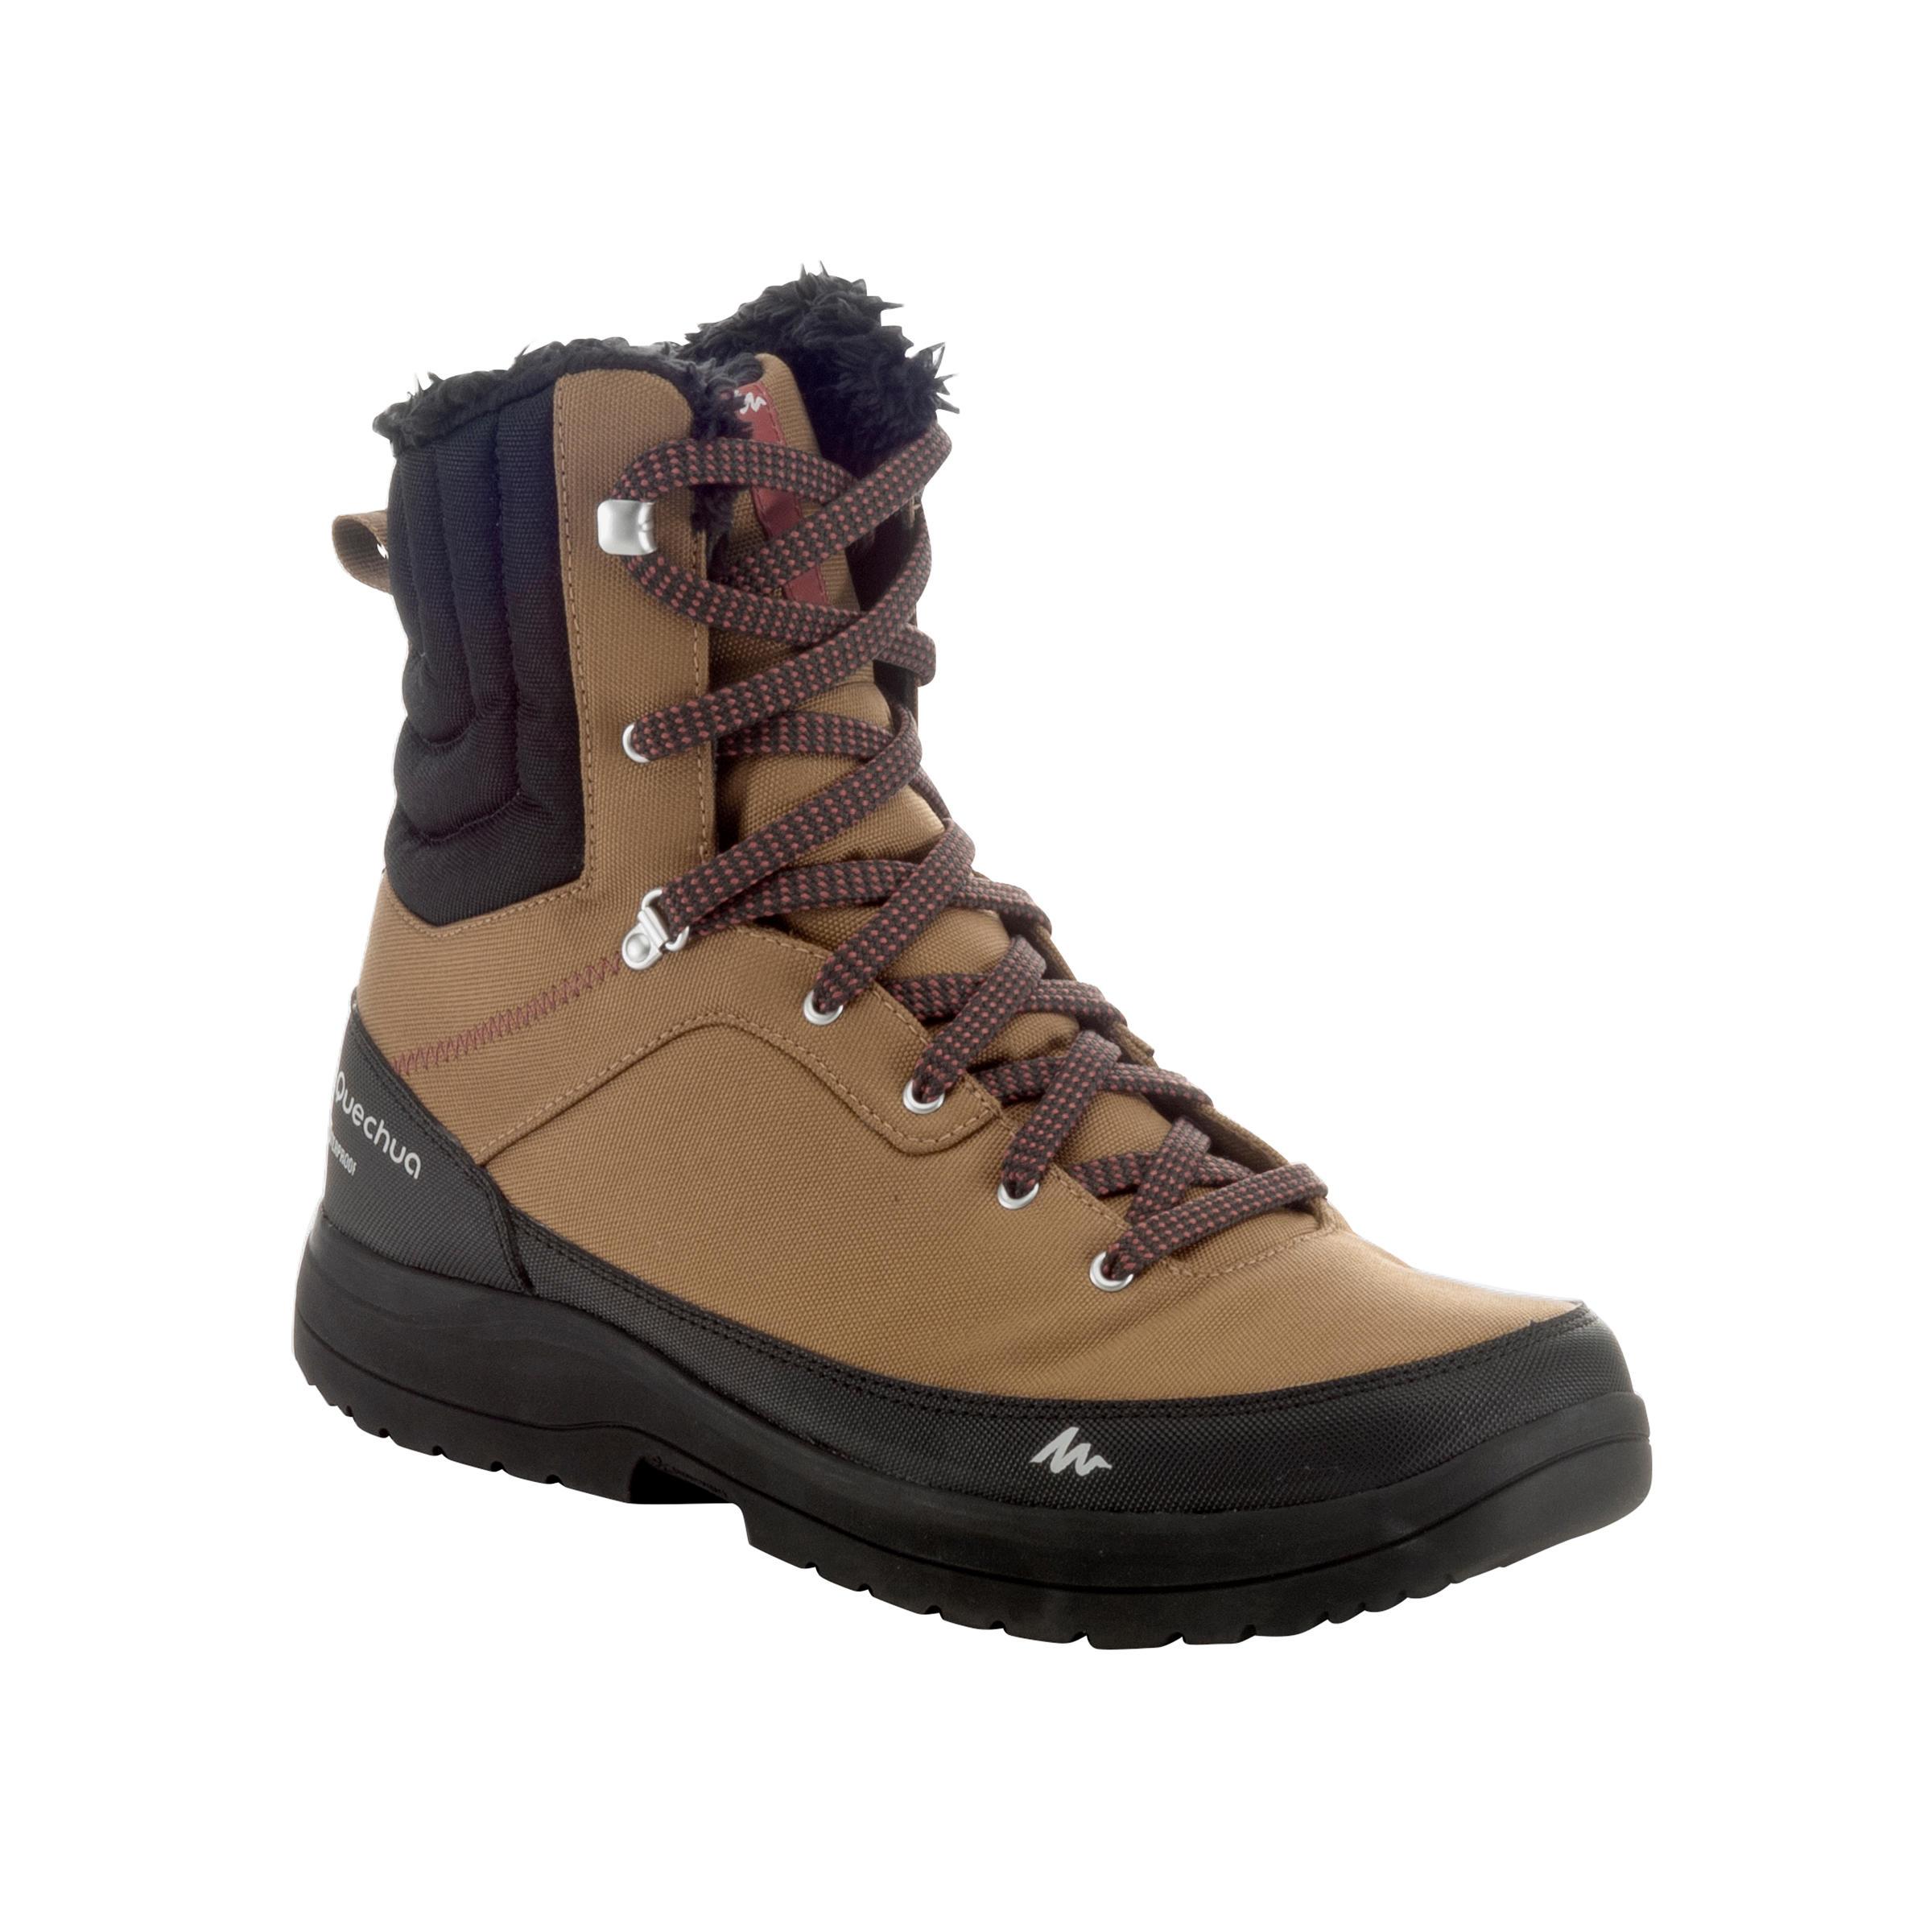 Quechua Schoenen voor wandelen in de sneeuw heren SH100 high warm waterdicht thumbnail